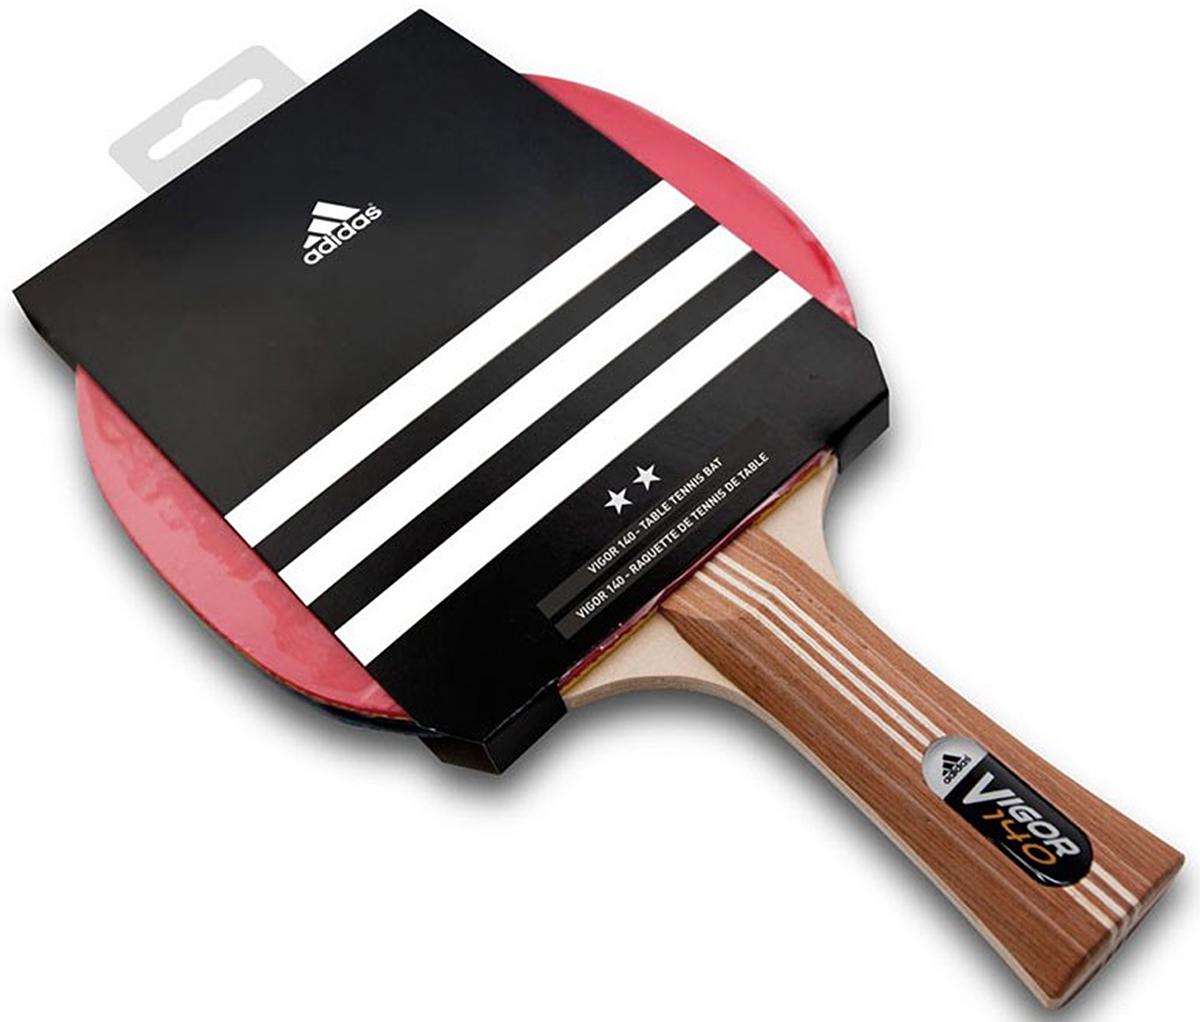 Ракетка для настольного тенниса Adidas Vigor 140AGF-12463Скорость: 90Вращение: 90Контроль: 80Тип ручки: FL